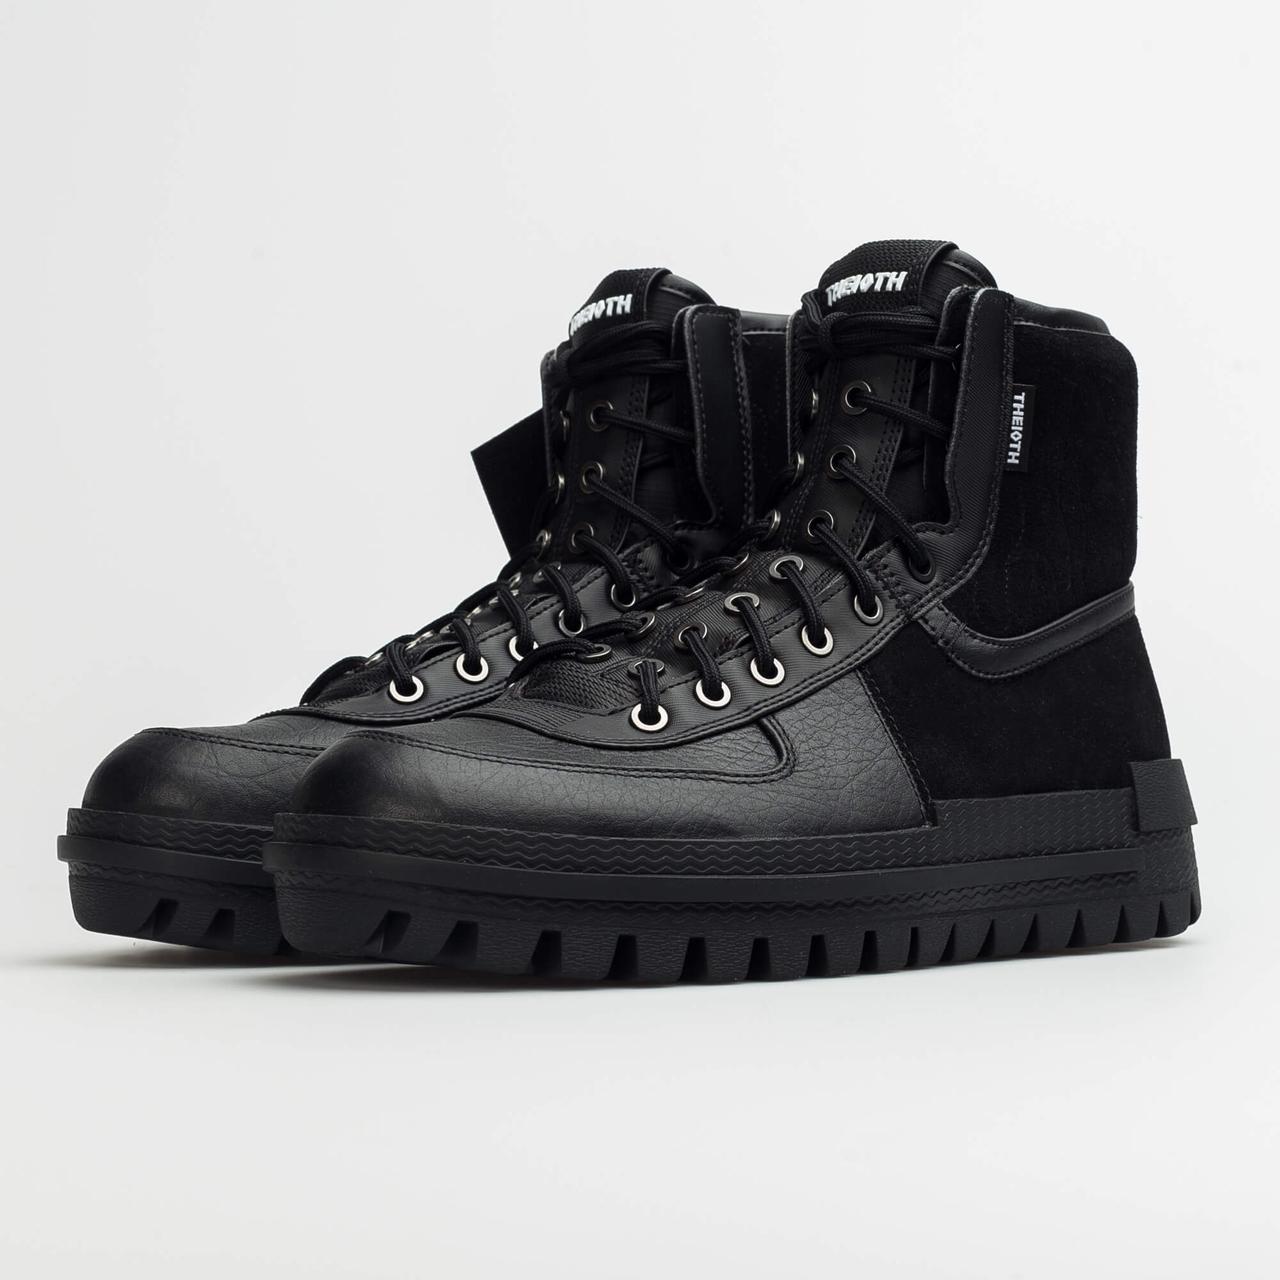 BQ5240-001 Nike Xarr Black оригинальные черные кожаные кроссовки